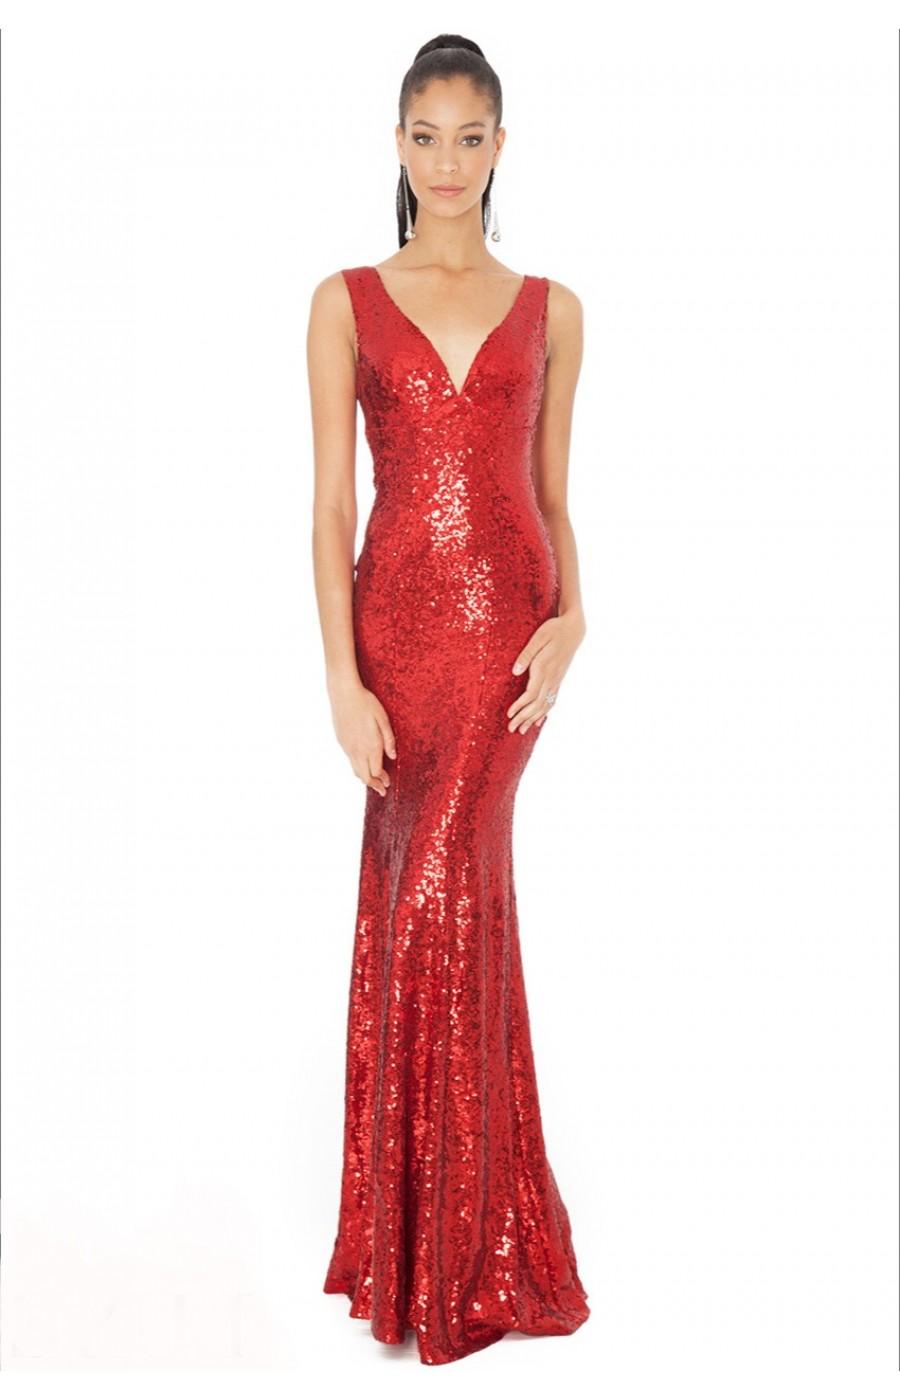 Κόκκινο φόρεμα με παγιέτες